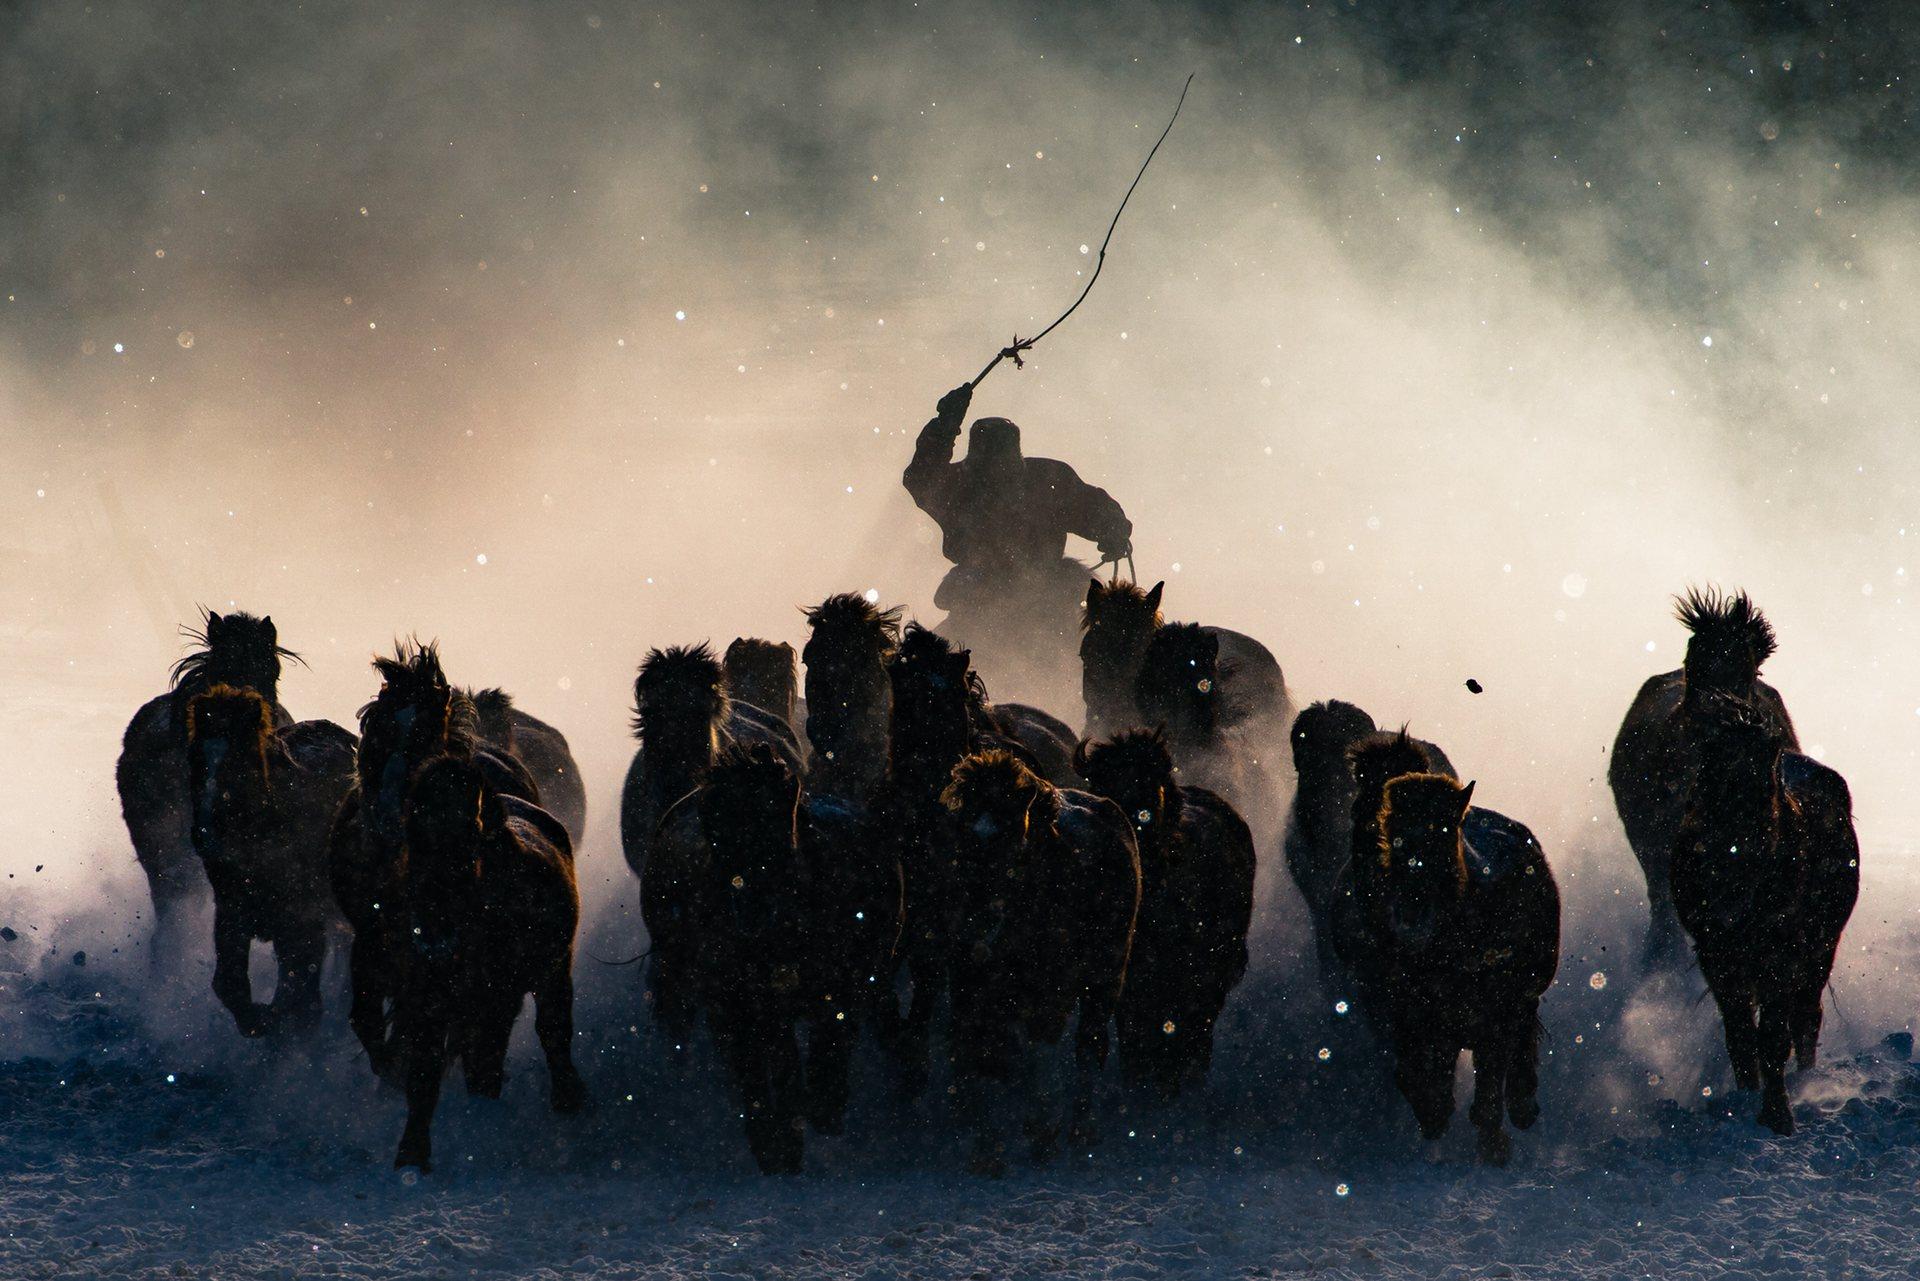 Νικητής Μεγάλου/Πρώτου Βραβείου: Winter Horseman. Ο χειμώνας στην ενδοχώρα της Μογγολίας είναι αδυσώπητος. Με τη θερμοκρασία στους -20F και το χιόνι να πέφτει αδιάκοπα ήταν πολύ δύσκολο να πείσω τον εαυτό μου να βγει έξω από το αυτοκίνητο και να τραβήξει φωτογραφίες – μέχρι που είδα τους καβαλάρηδες να επιδεικνύουν τις ικανότητές τους τιθασεύοντας τα άλογα από απόσταση. Πήρα γρήγορα τους τηλεφακούς μου και απαθανάτισα τη στιγμή όπου ένας καβαλάρης έβγαινε μέσα από την ομίχλη. Photograph: Anthony Lau/National Geographic Travel Photographer of the Year Contest